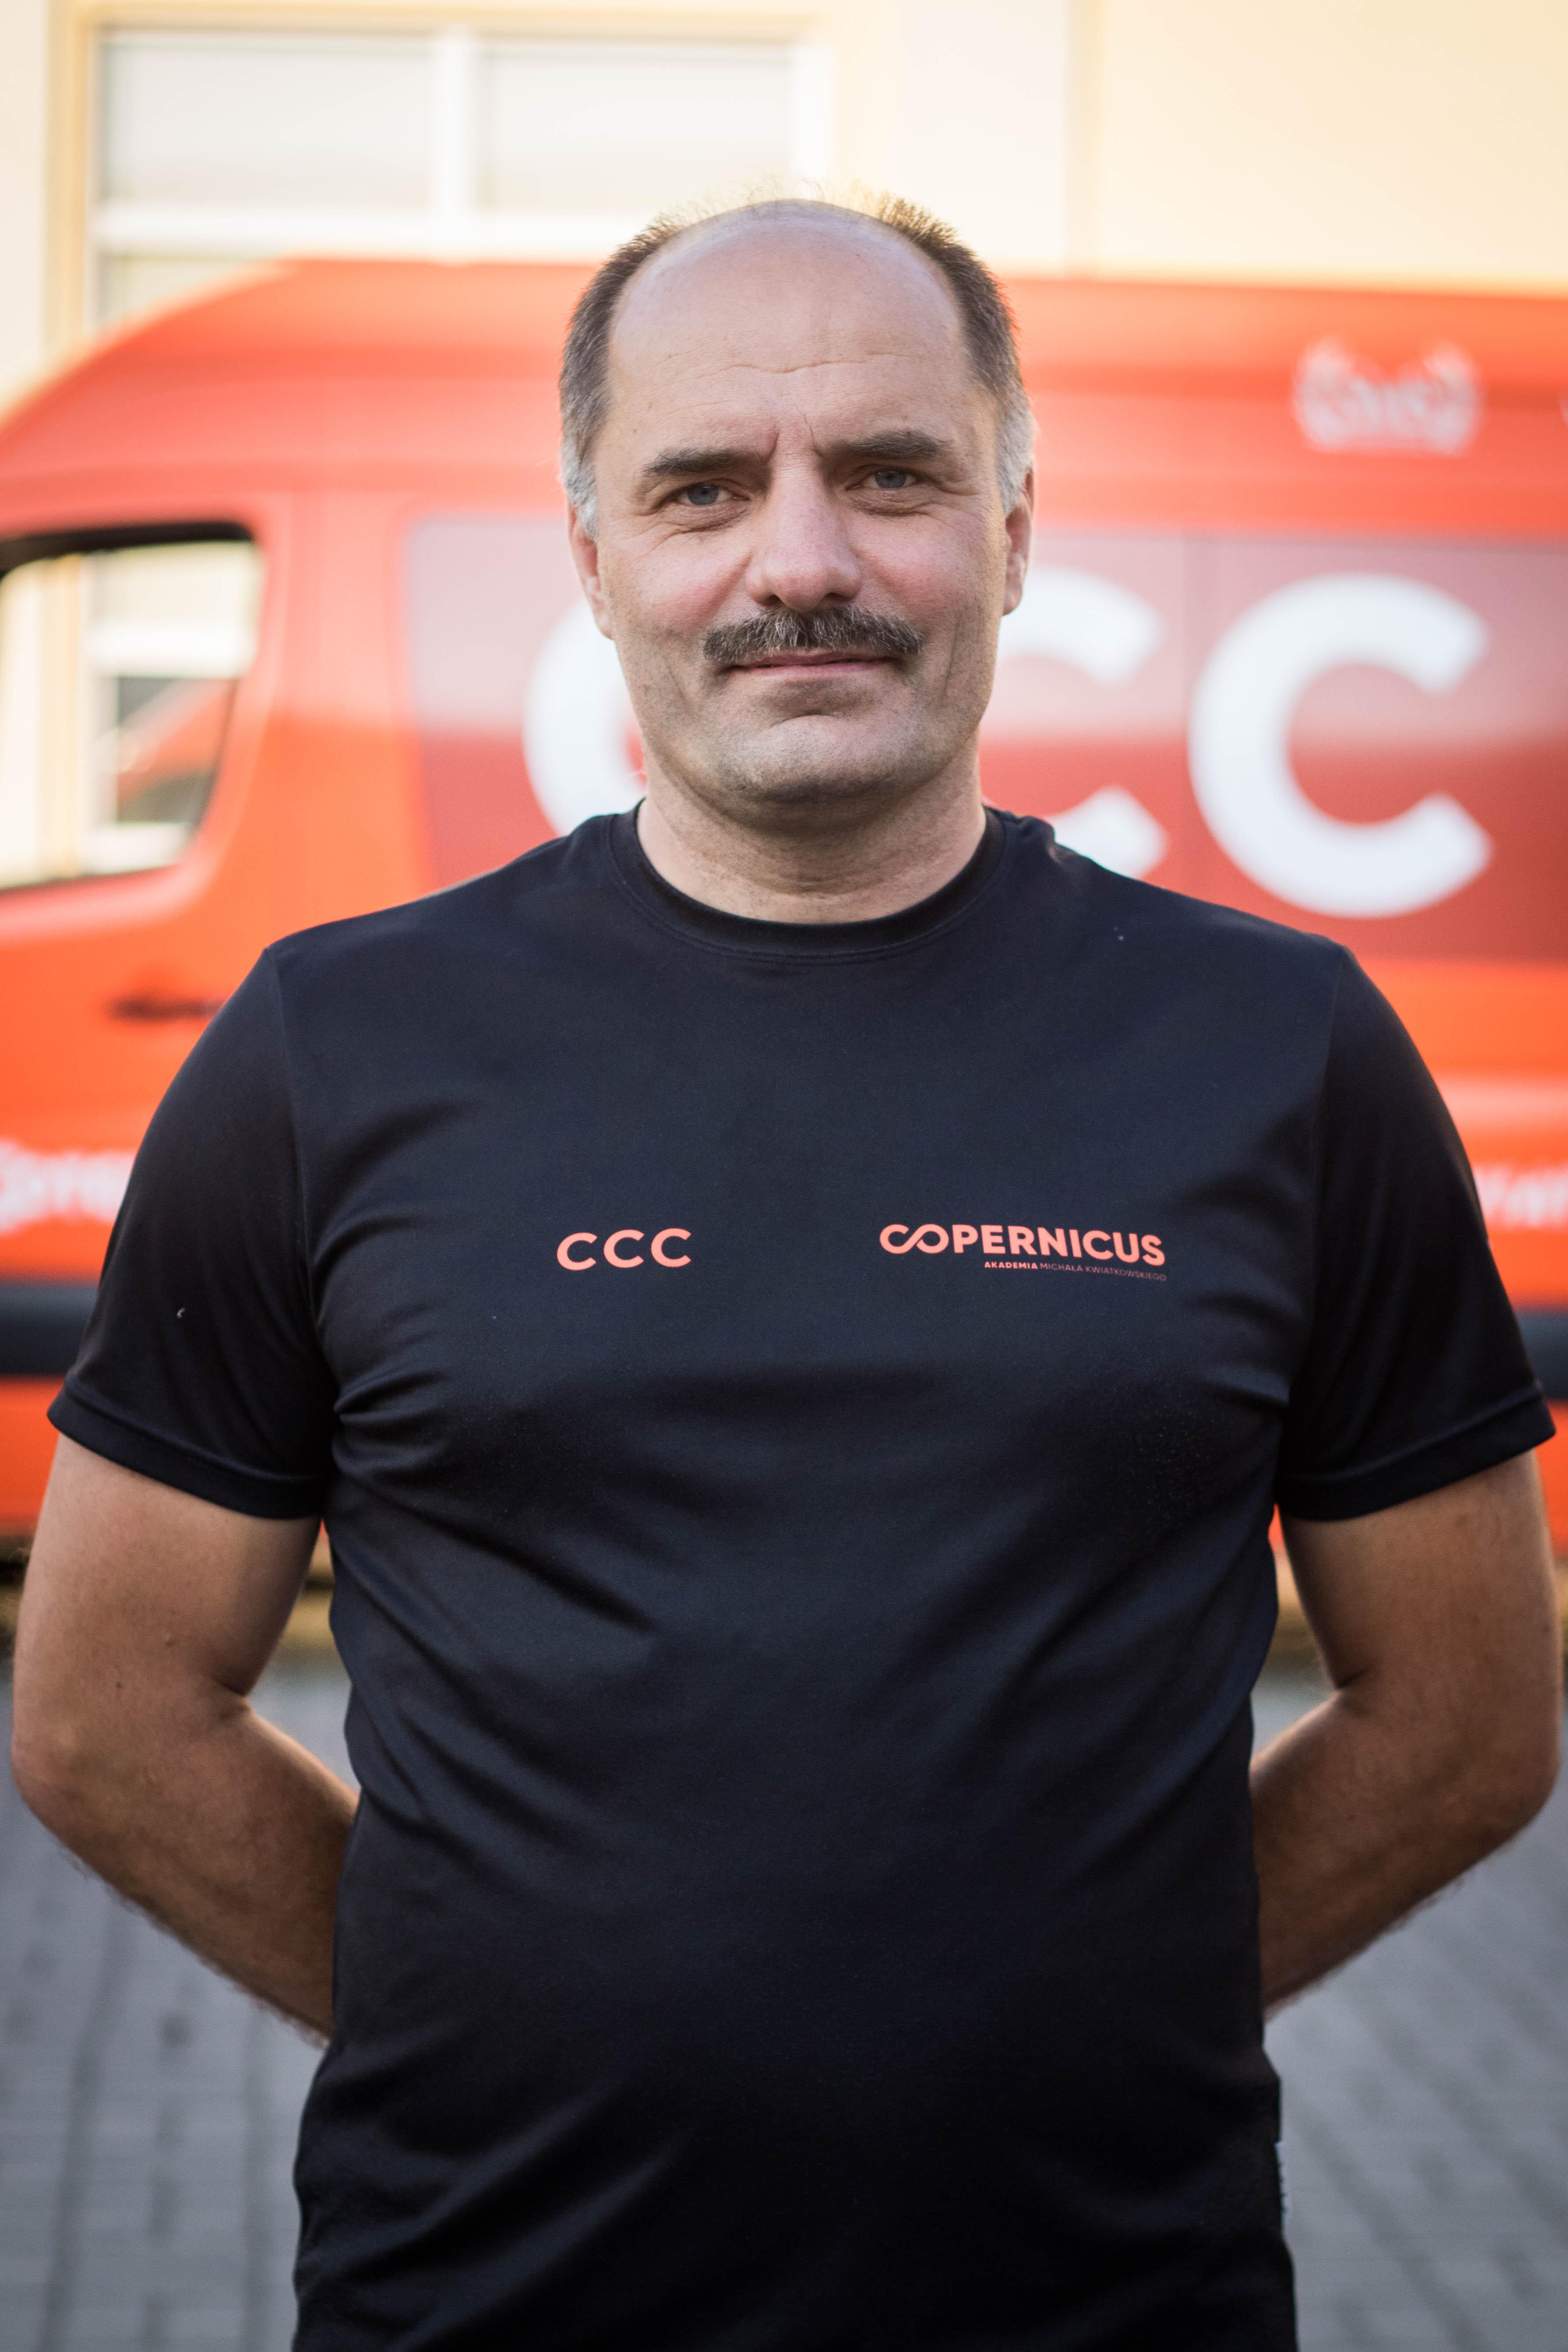 Tomasz Owsian